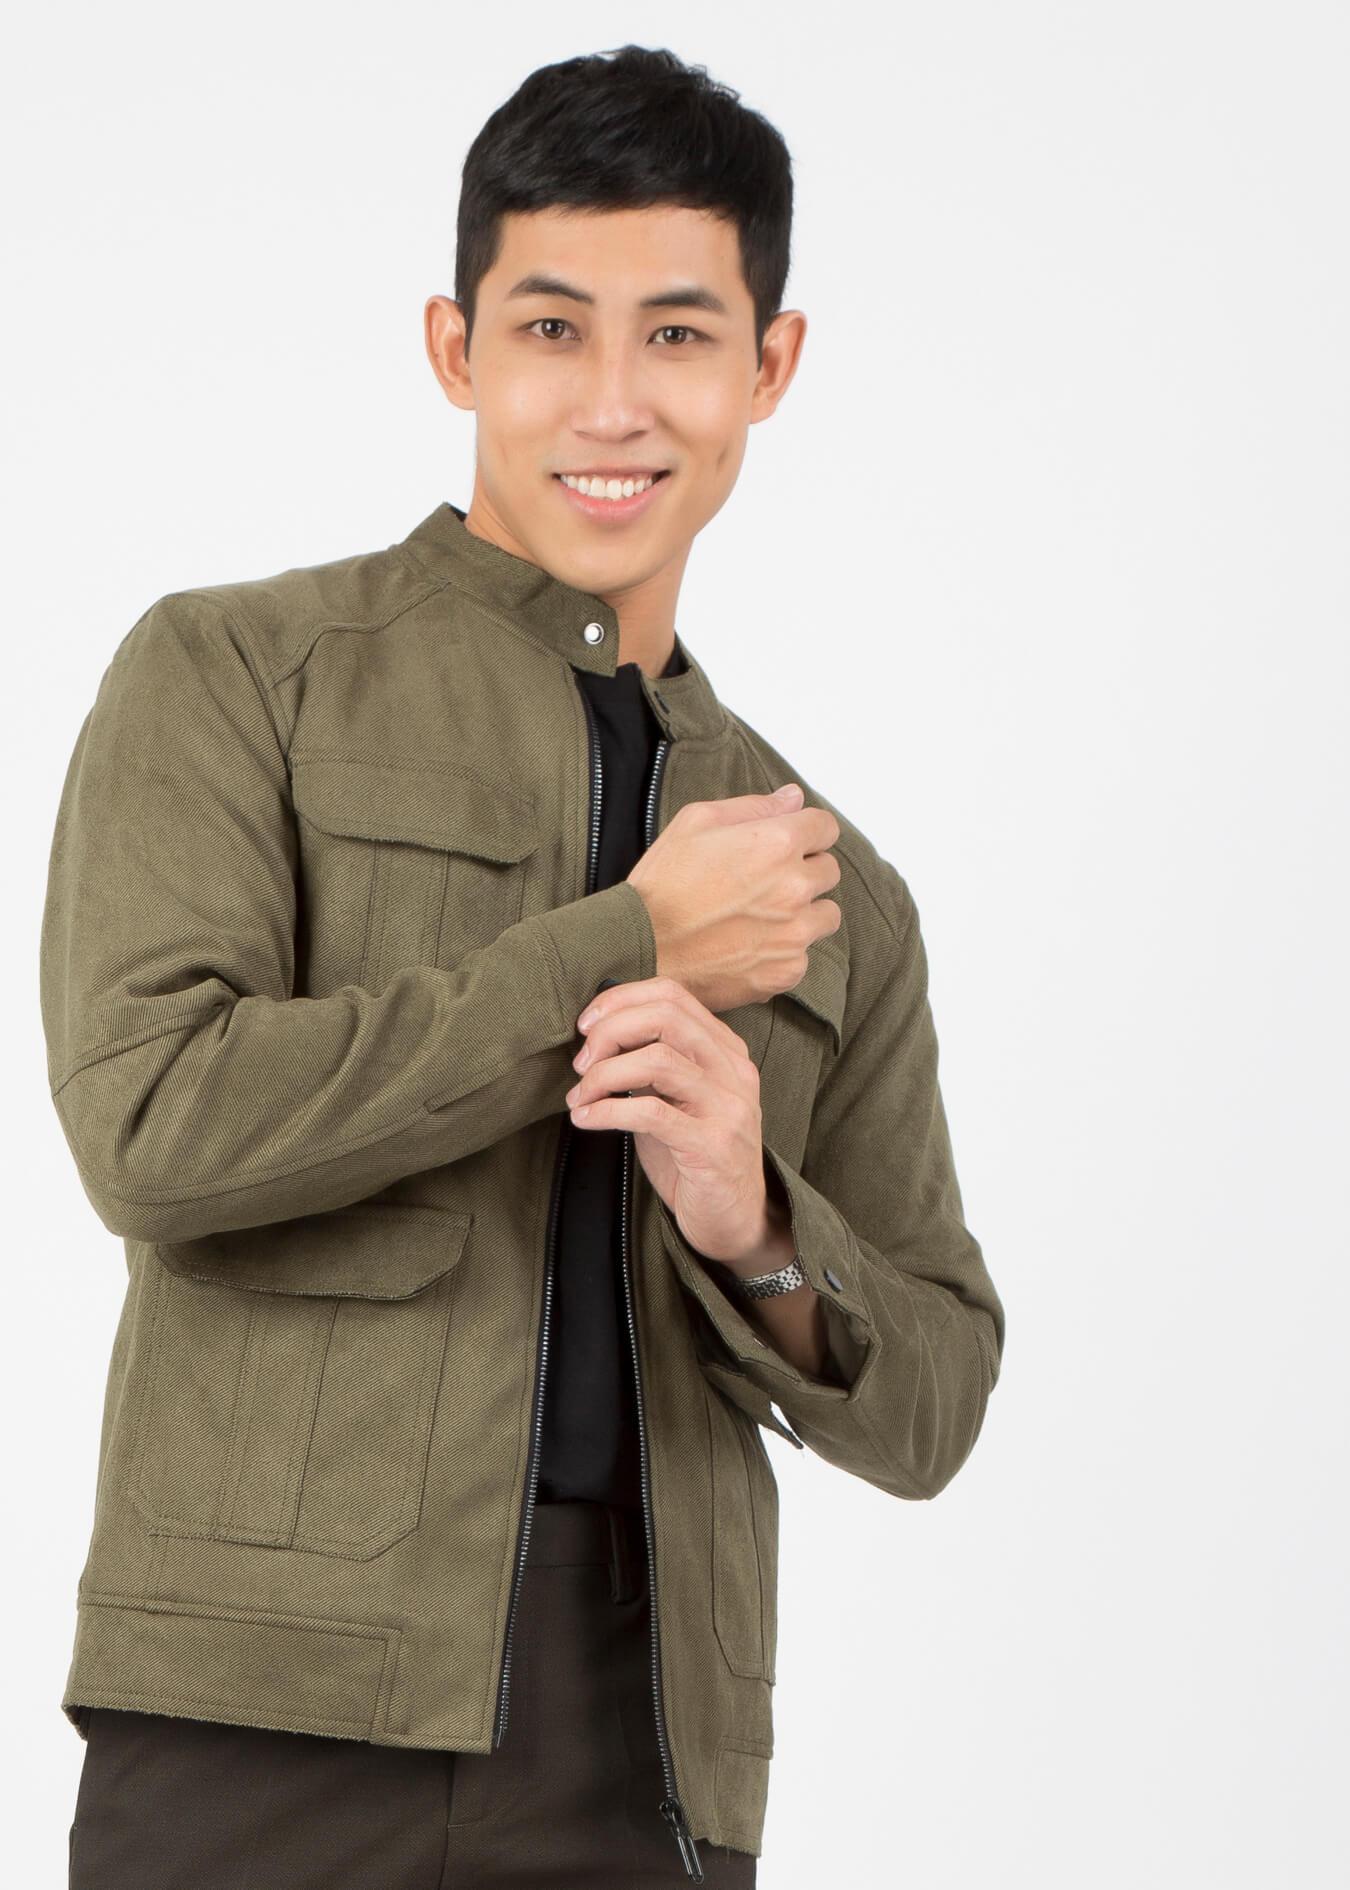 Khám phá BST quần áo từ chinos chất tại tripleR